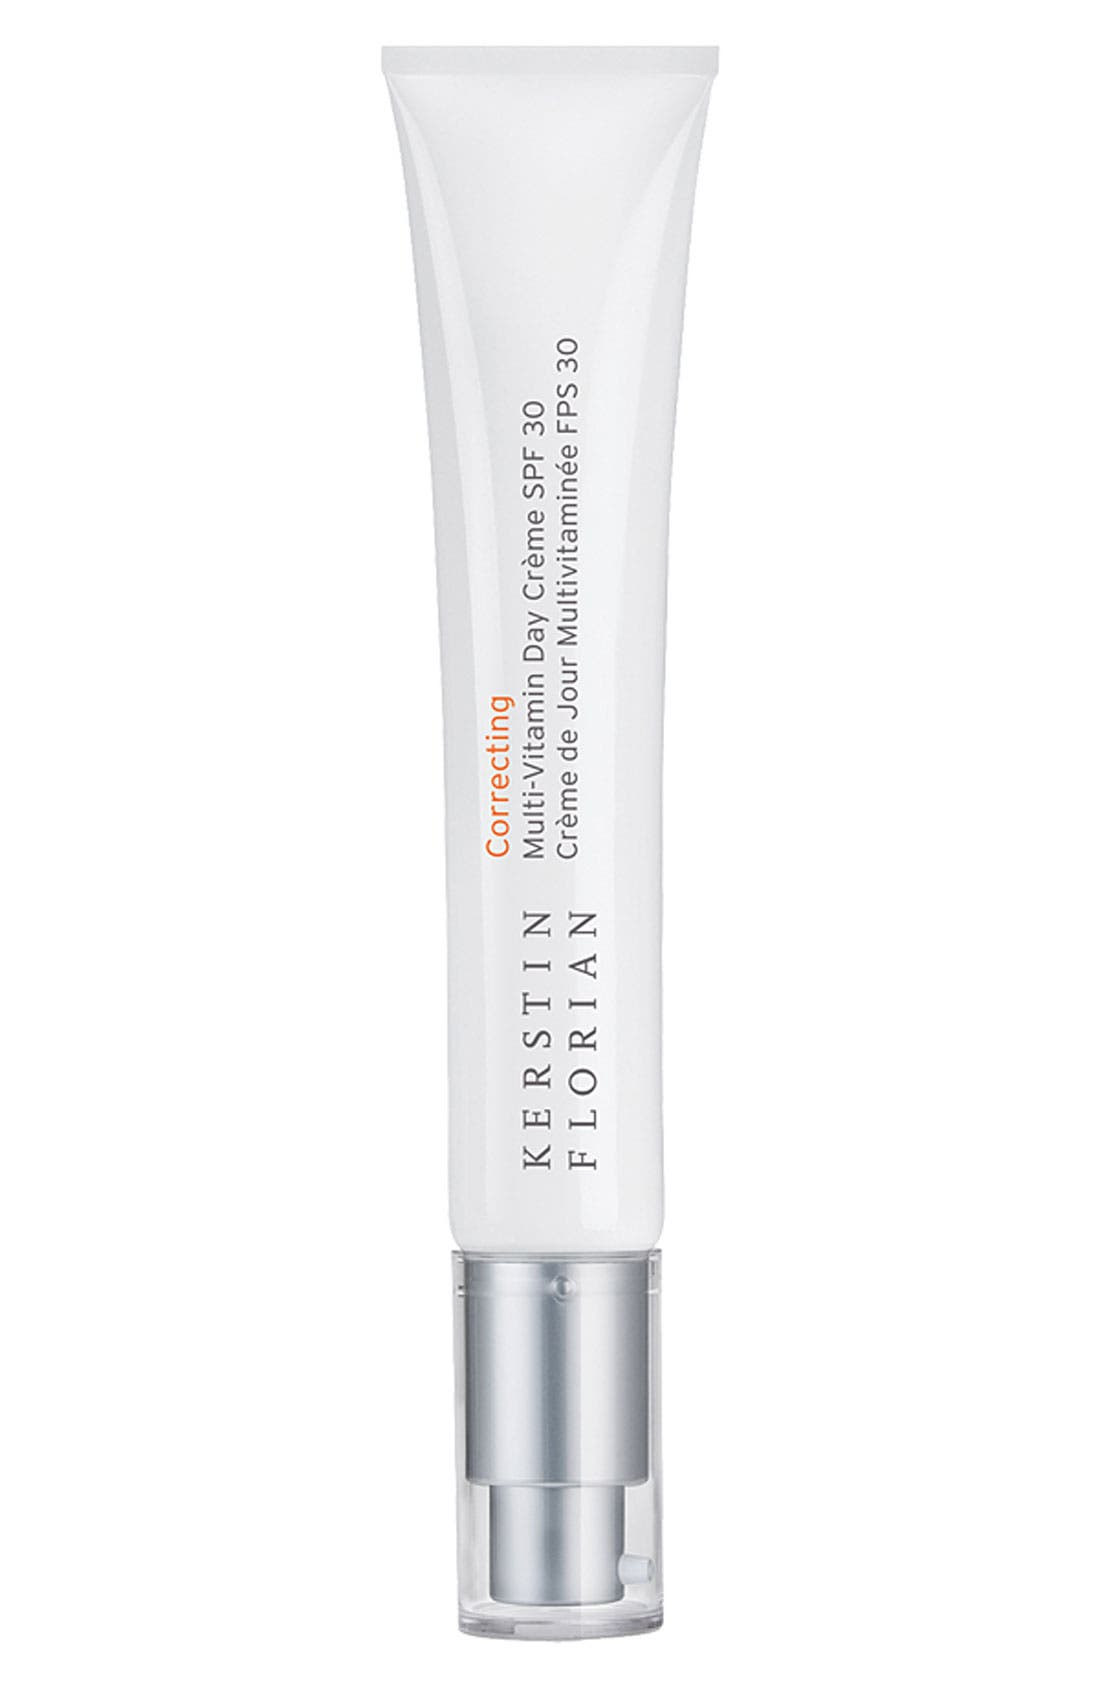 Correcting Multi-Vitamin Day Crème SPF 30,                         Main,                         color, 000